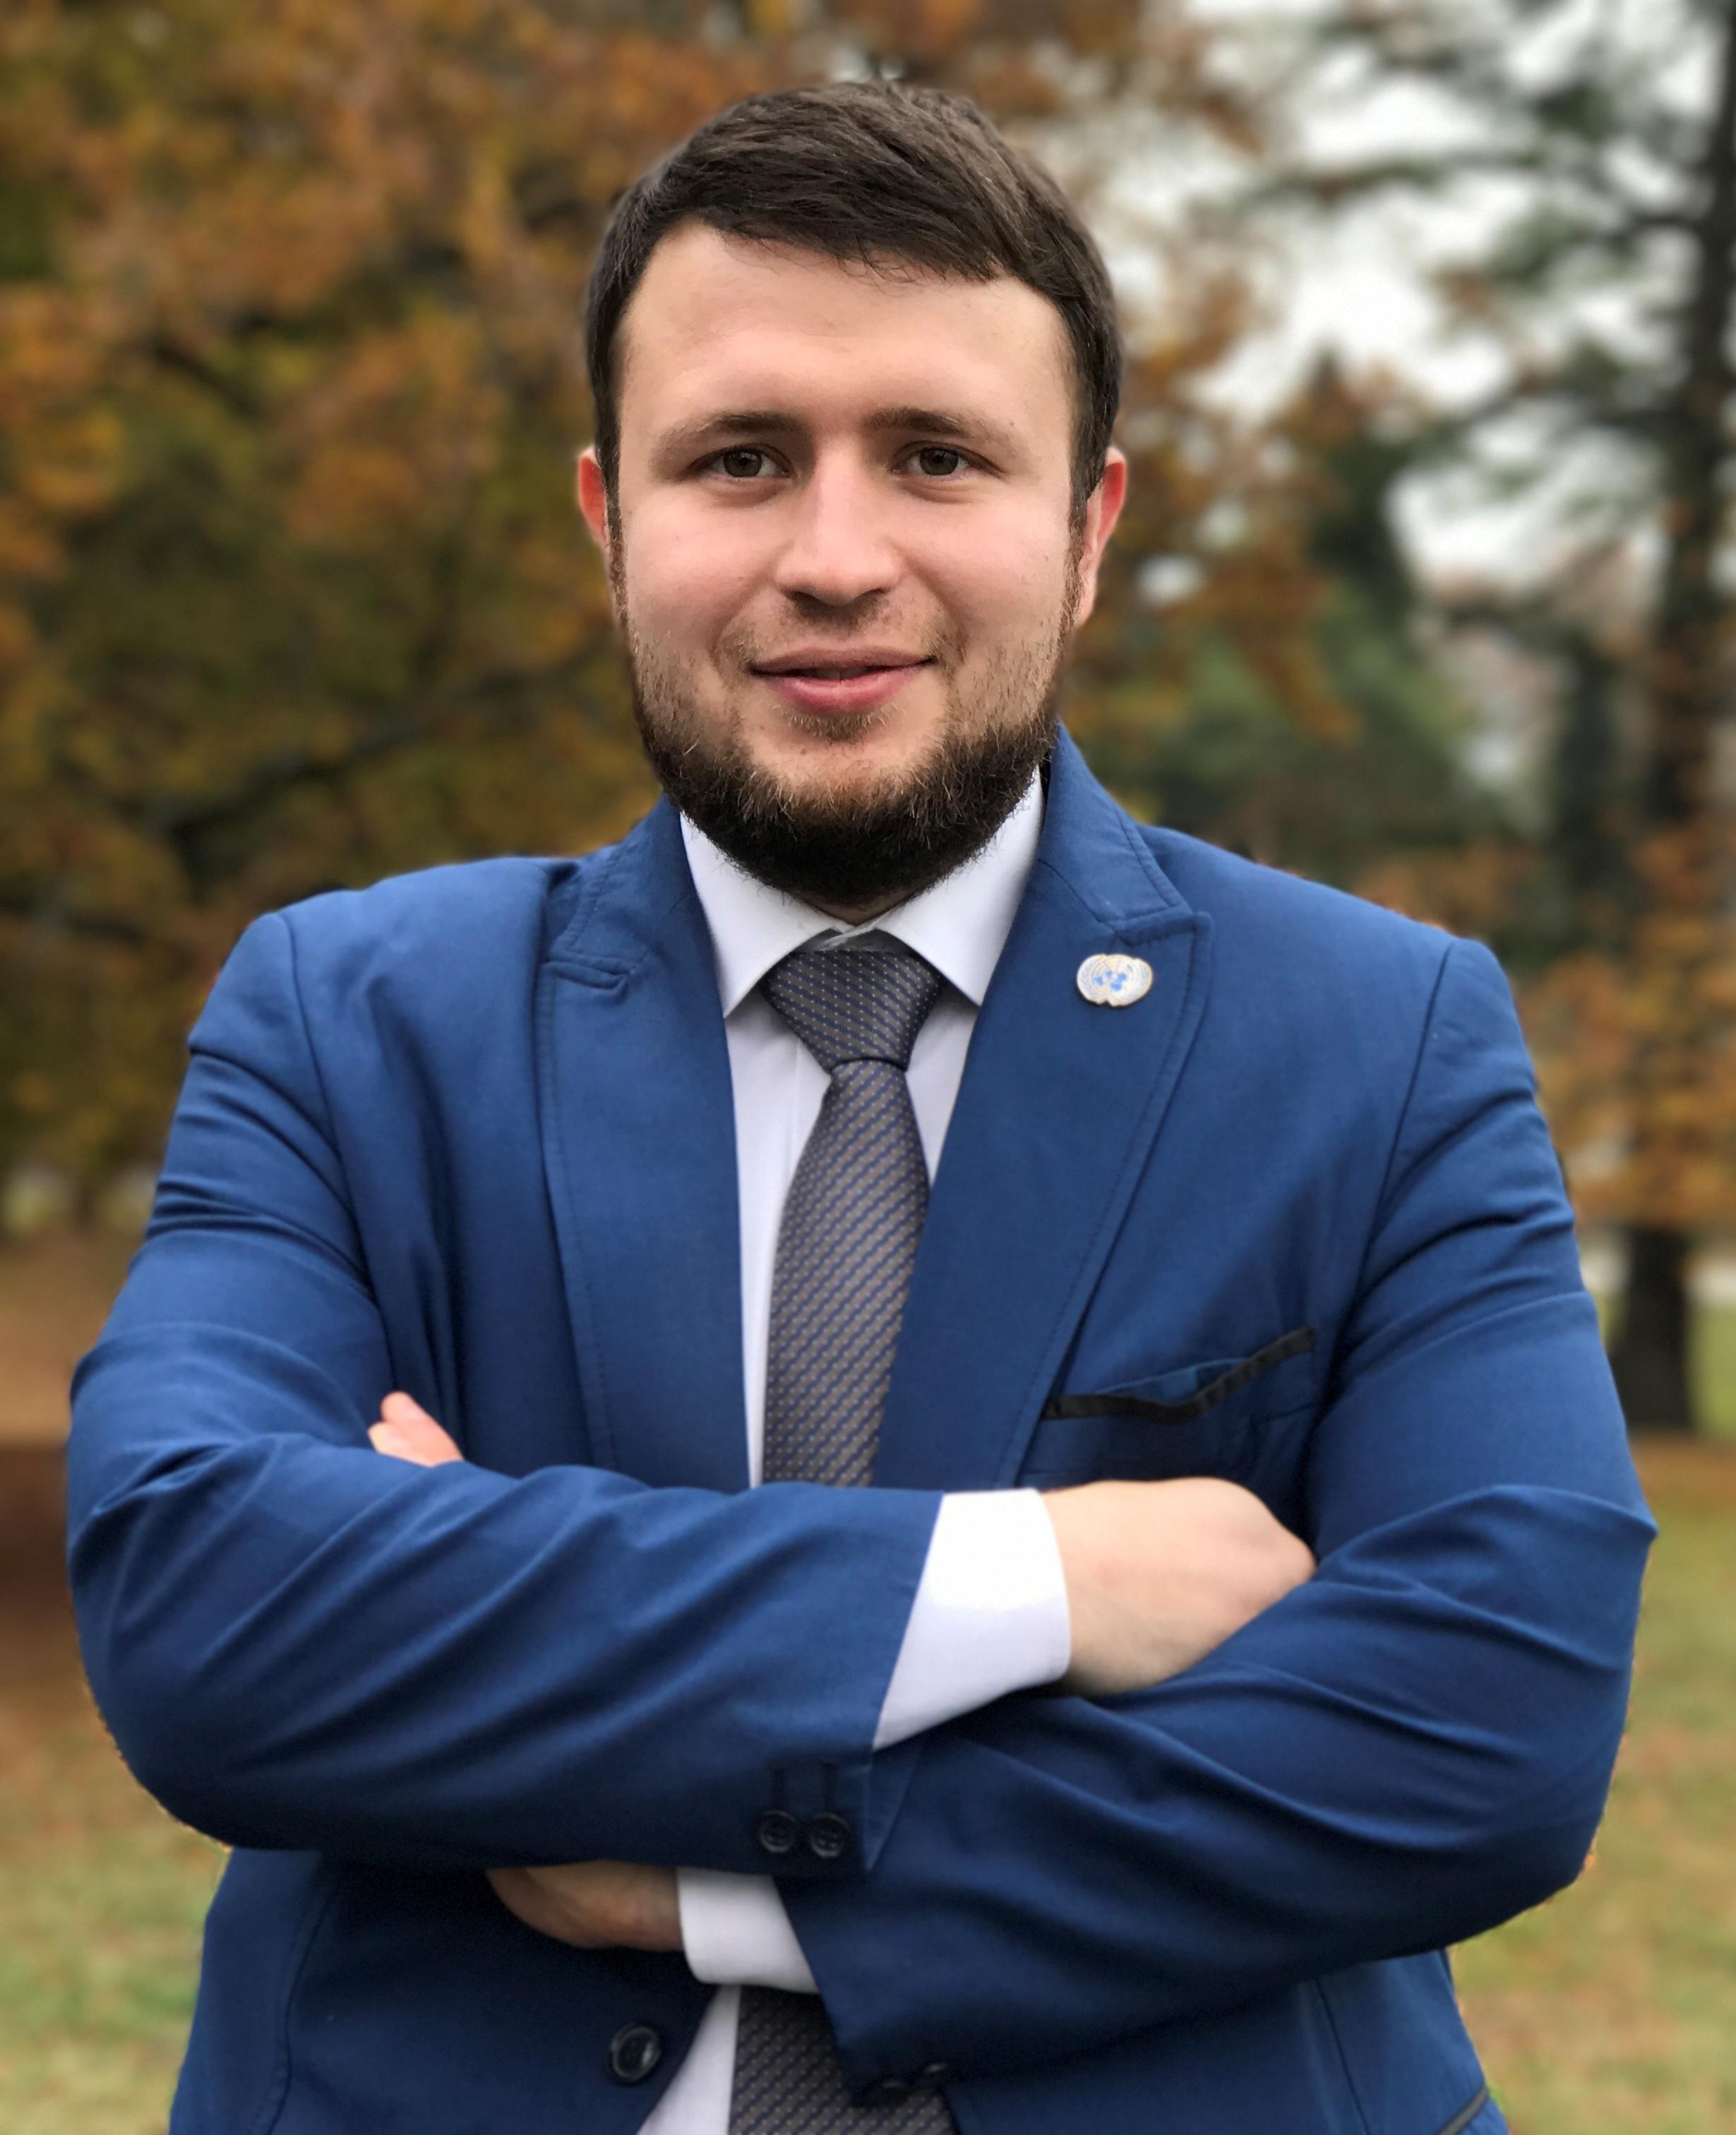 Сабиров МарсельМаратович - вице-президент Ассоциации предпринимателей-мусульман Российской Федерации,исполнительный директор АПМ РФ